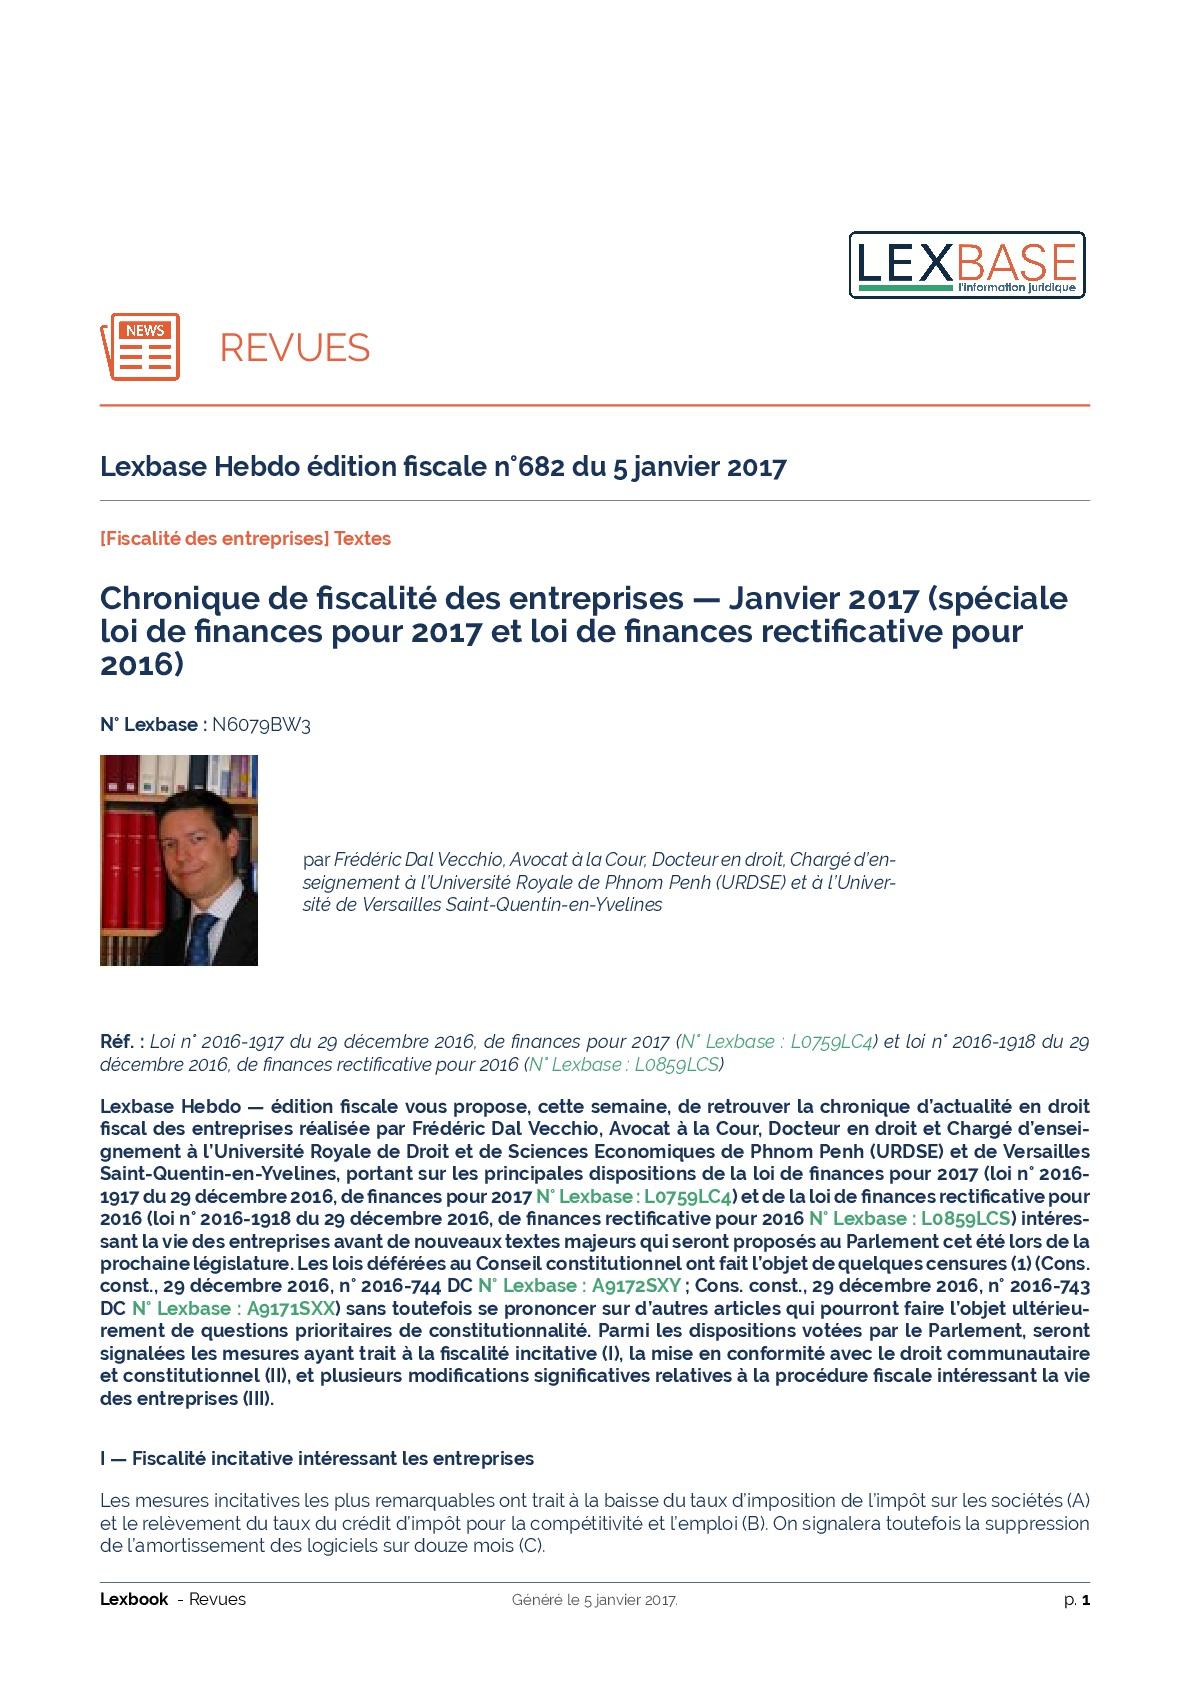 Loi de finances pour 2017 et loi de finances rectificative pour 2016